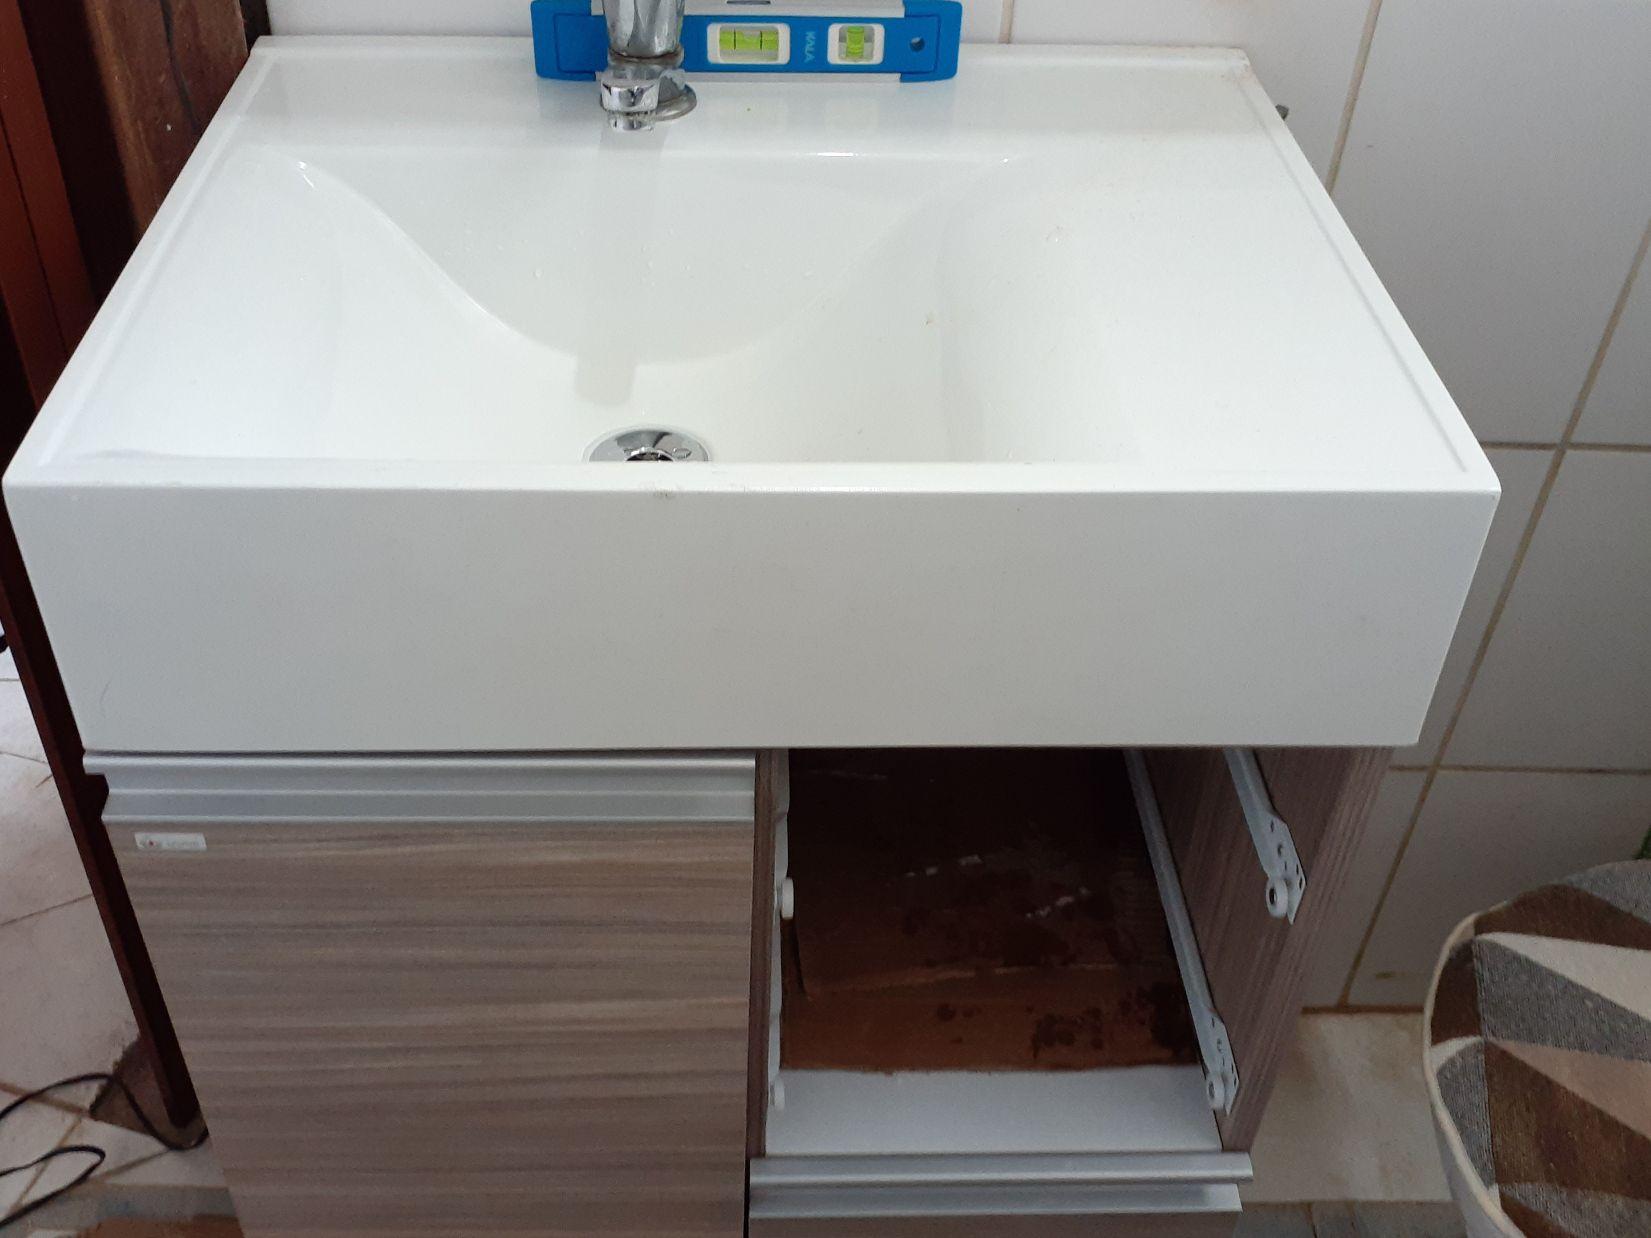 Instalação de gabinete de banheiro e Cuba.